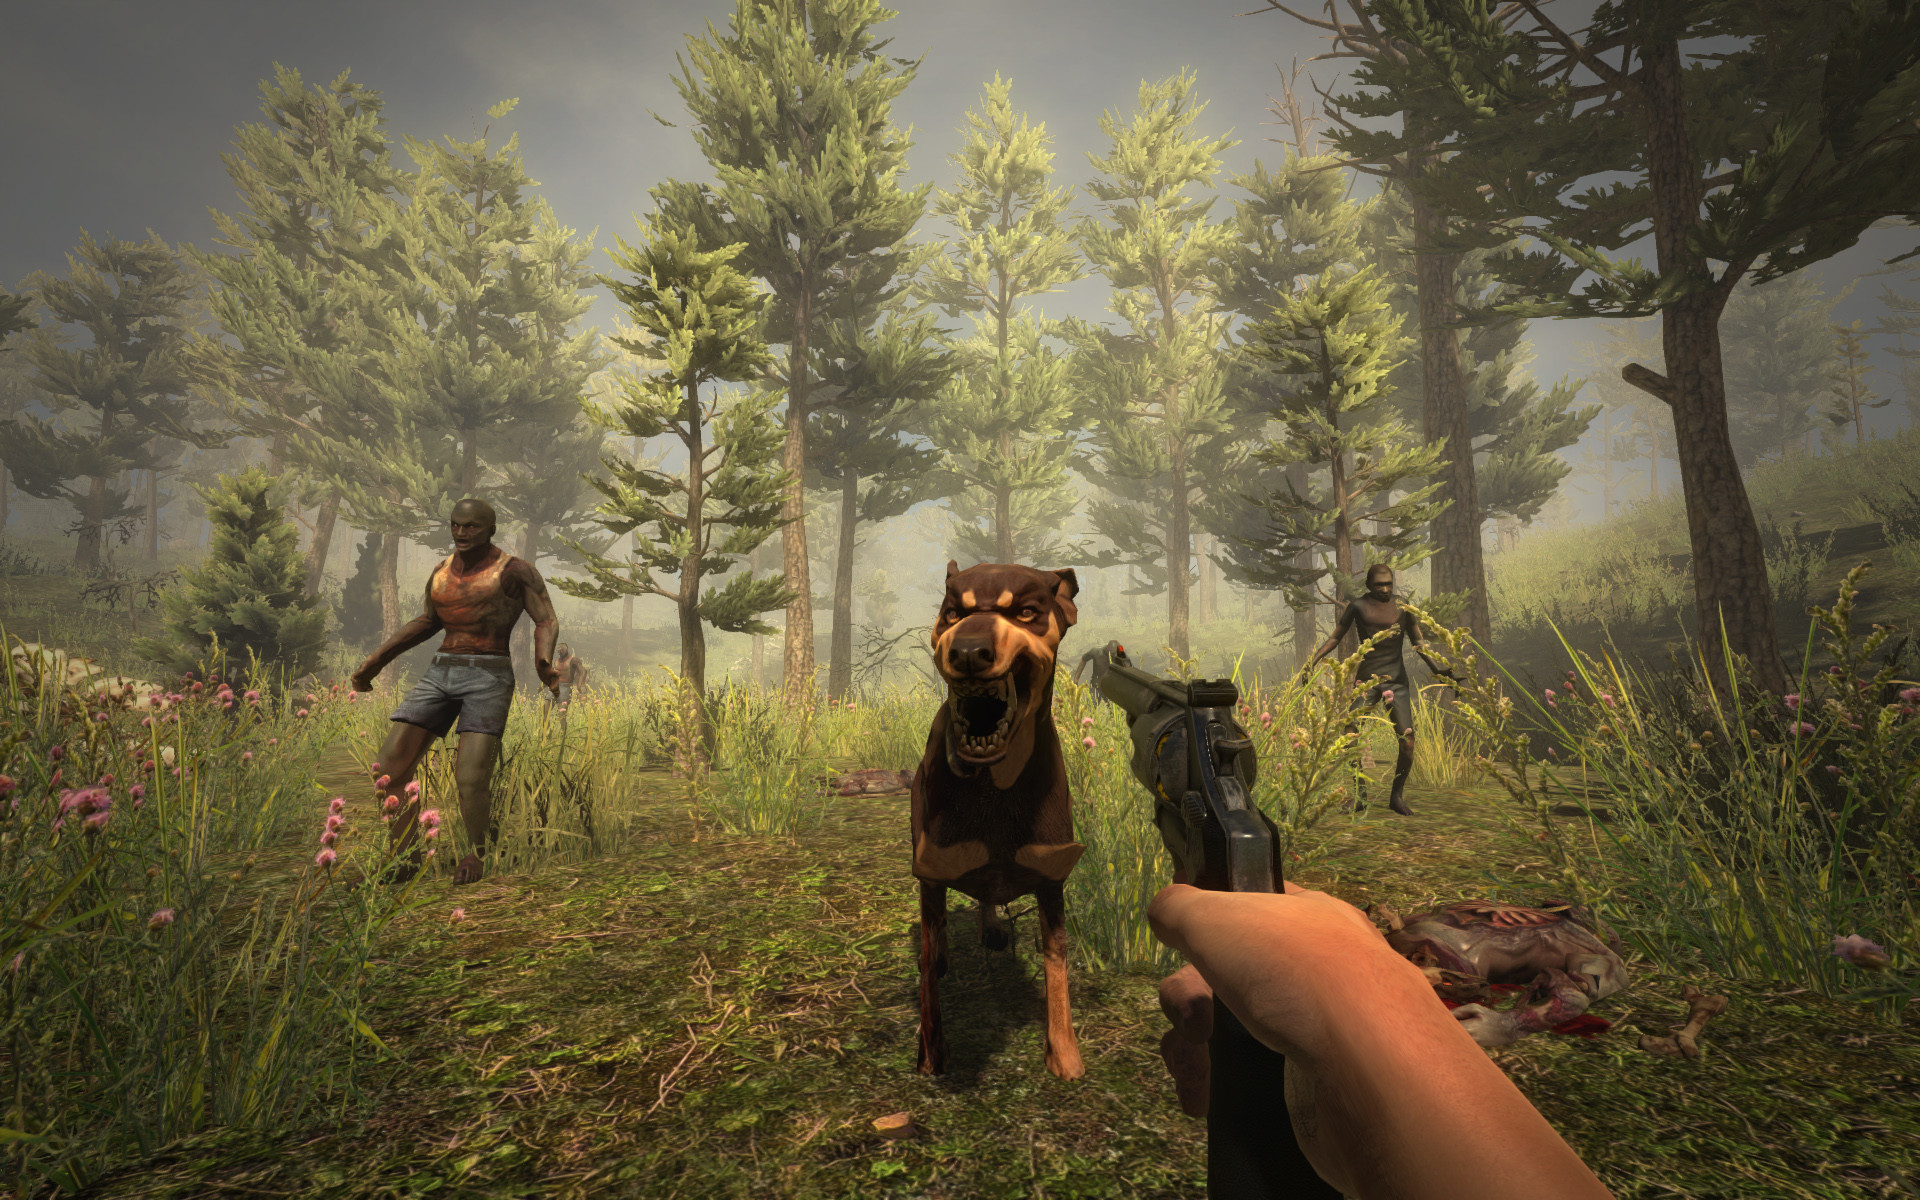 Alpha_11_pine_forest_01. 7 Days to Die …